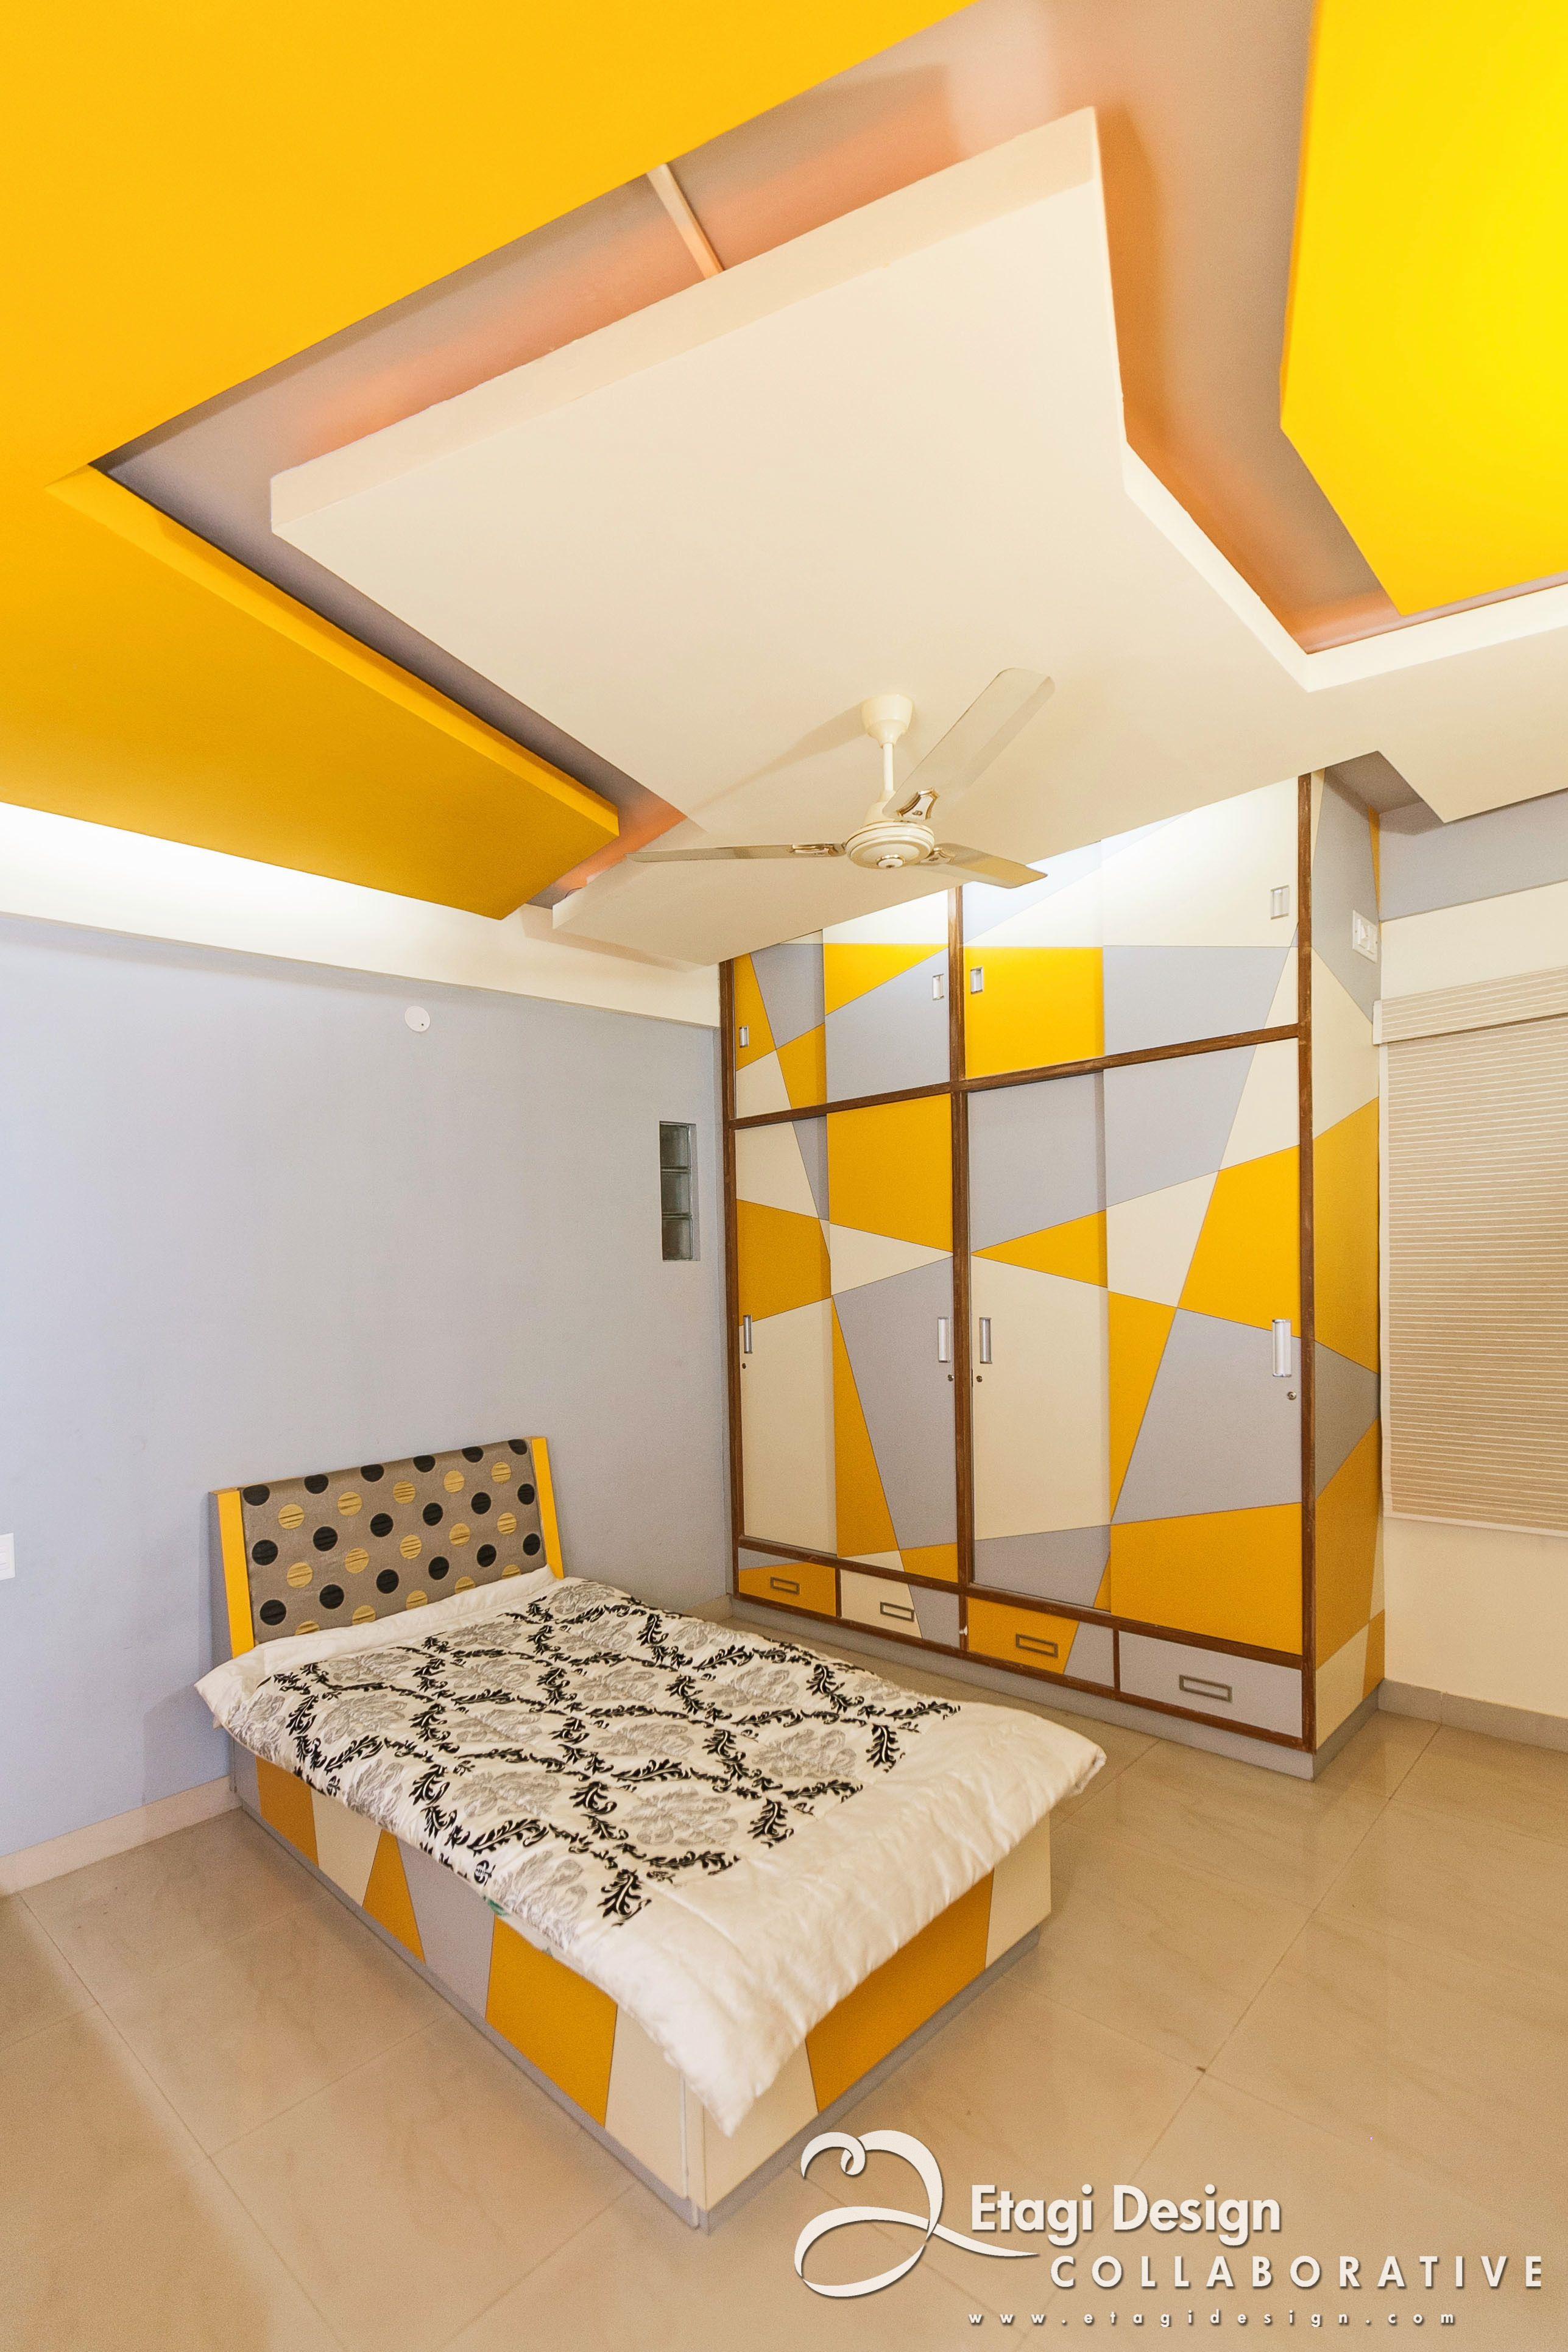 New bedroom interior design modern retro interior design by prashanth nandiprasad